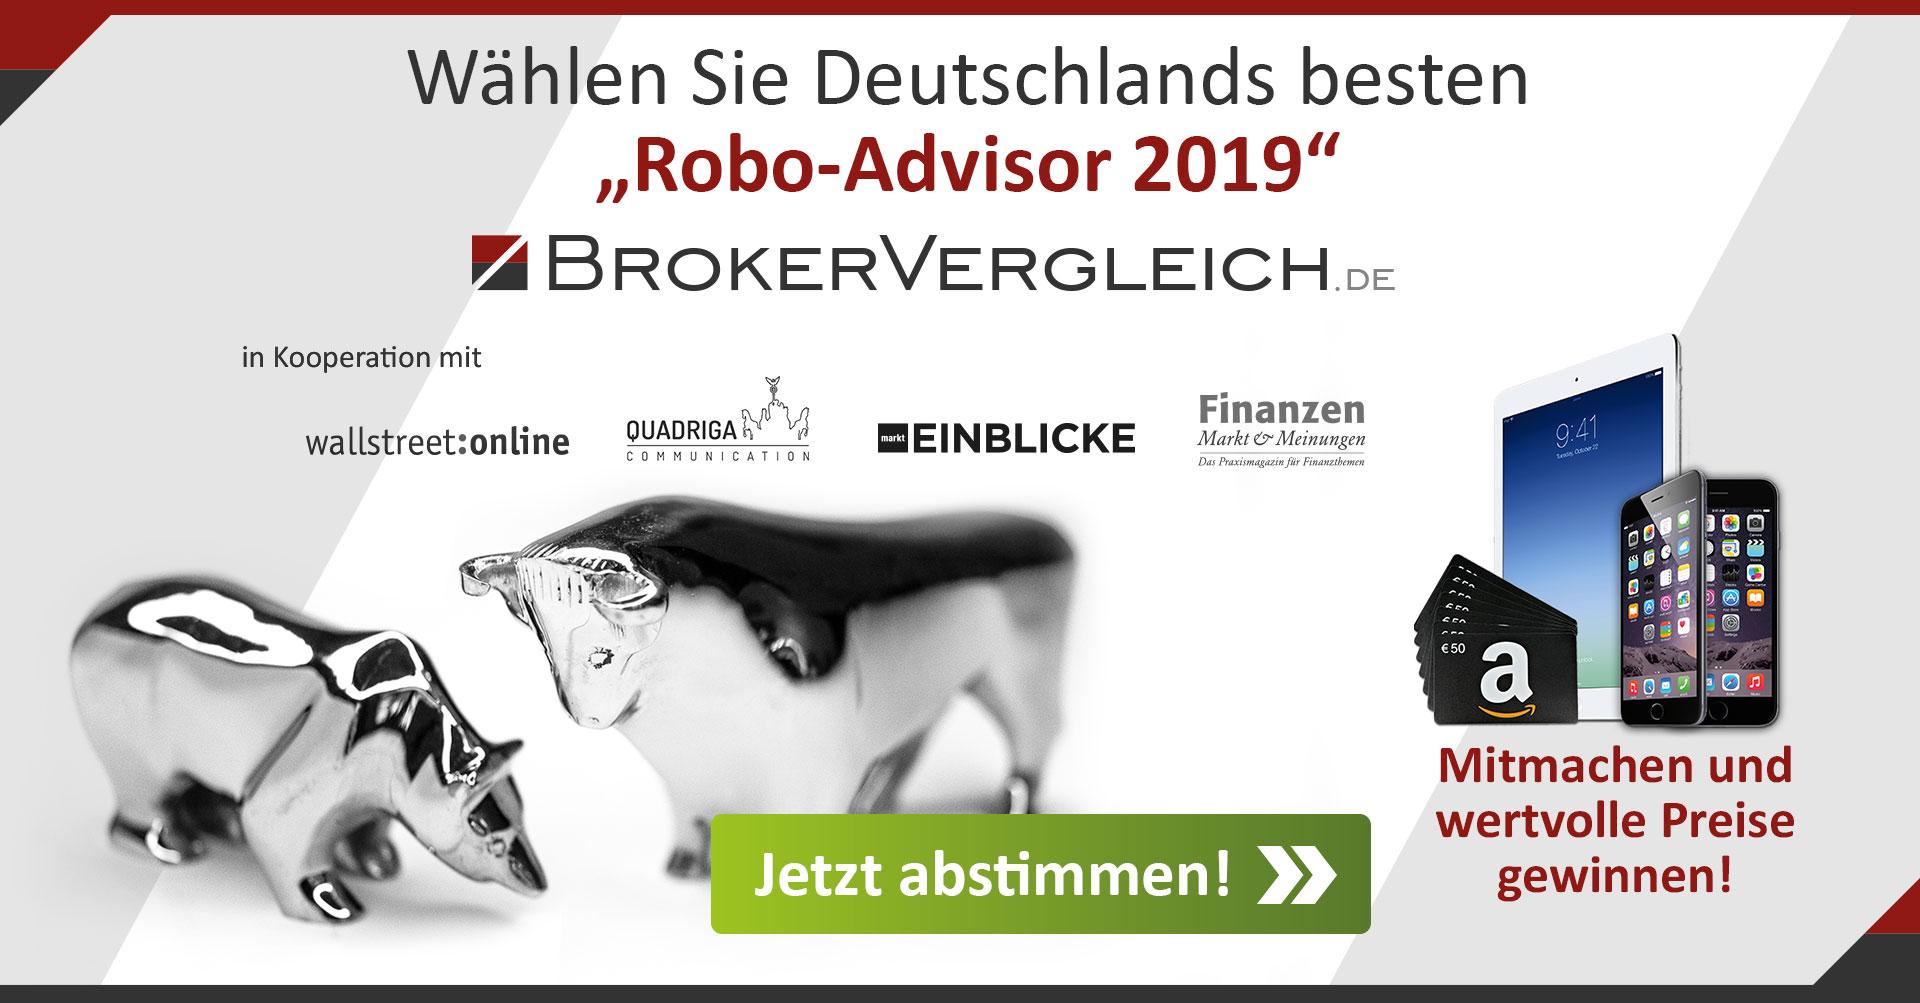 robo-advisor-2019-brokervergleich-de-1920x1003